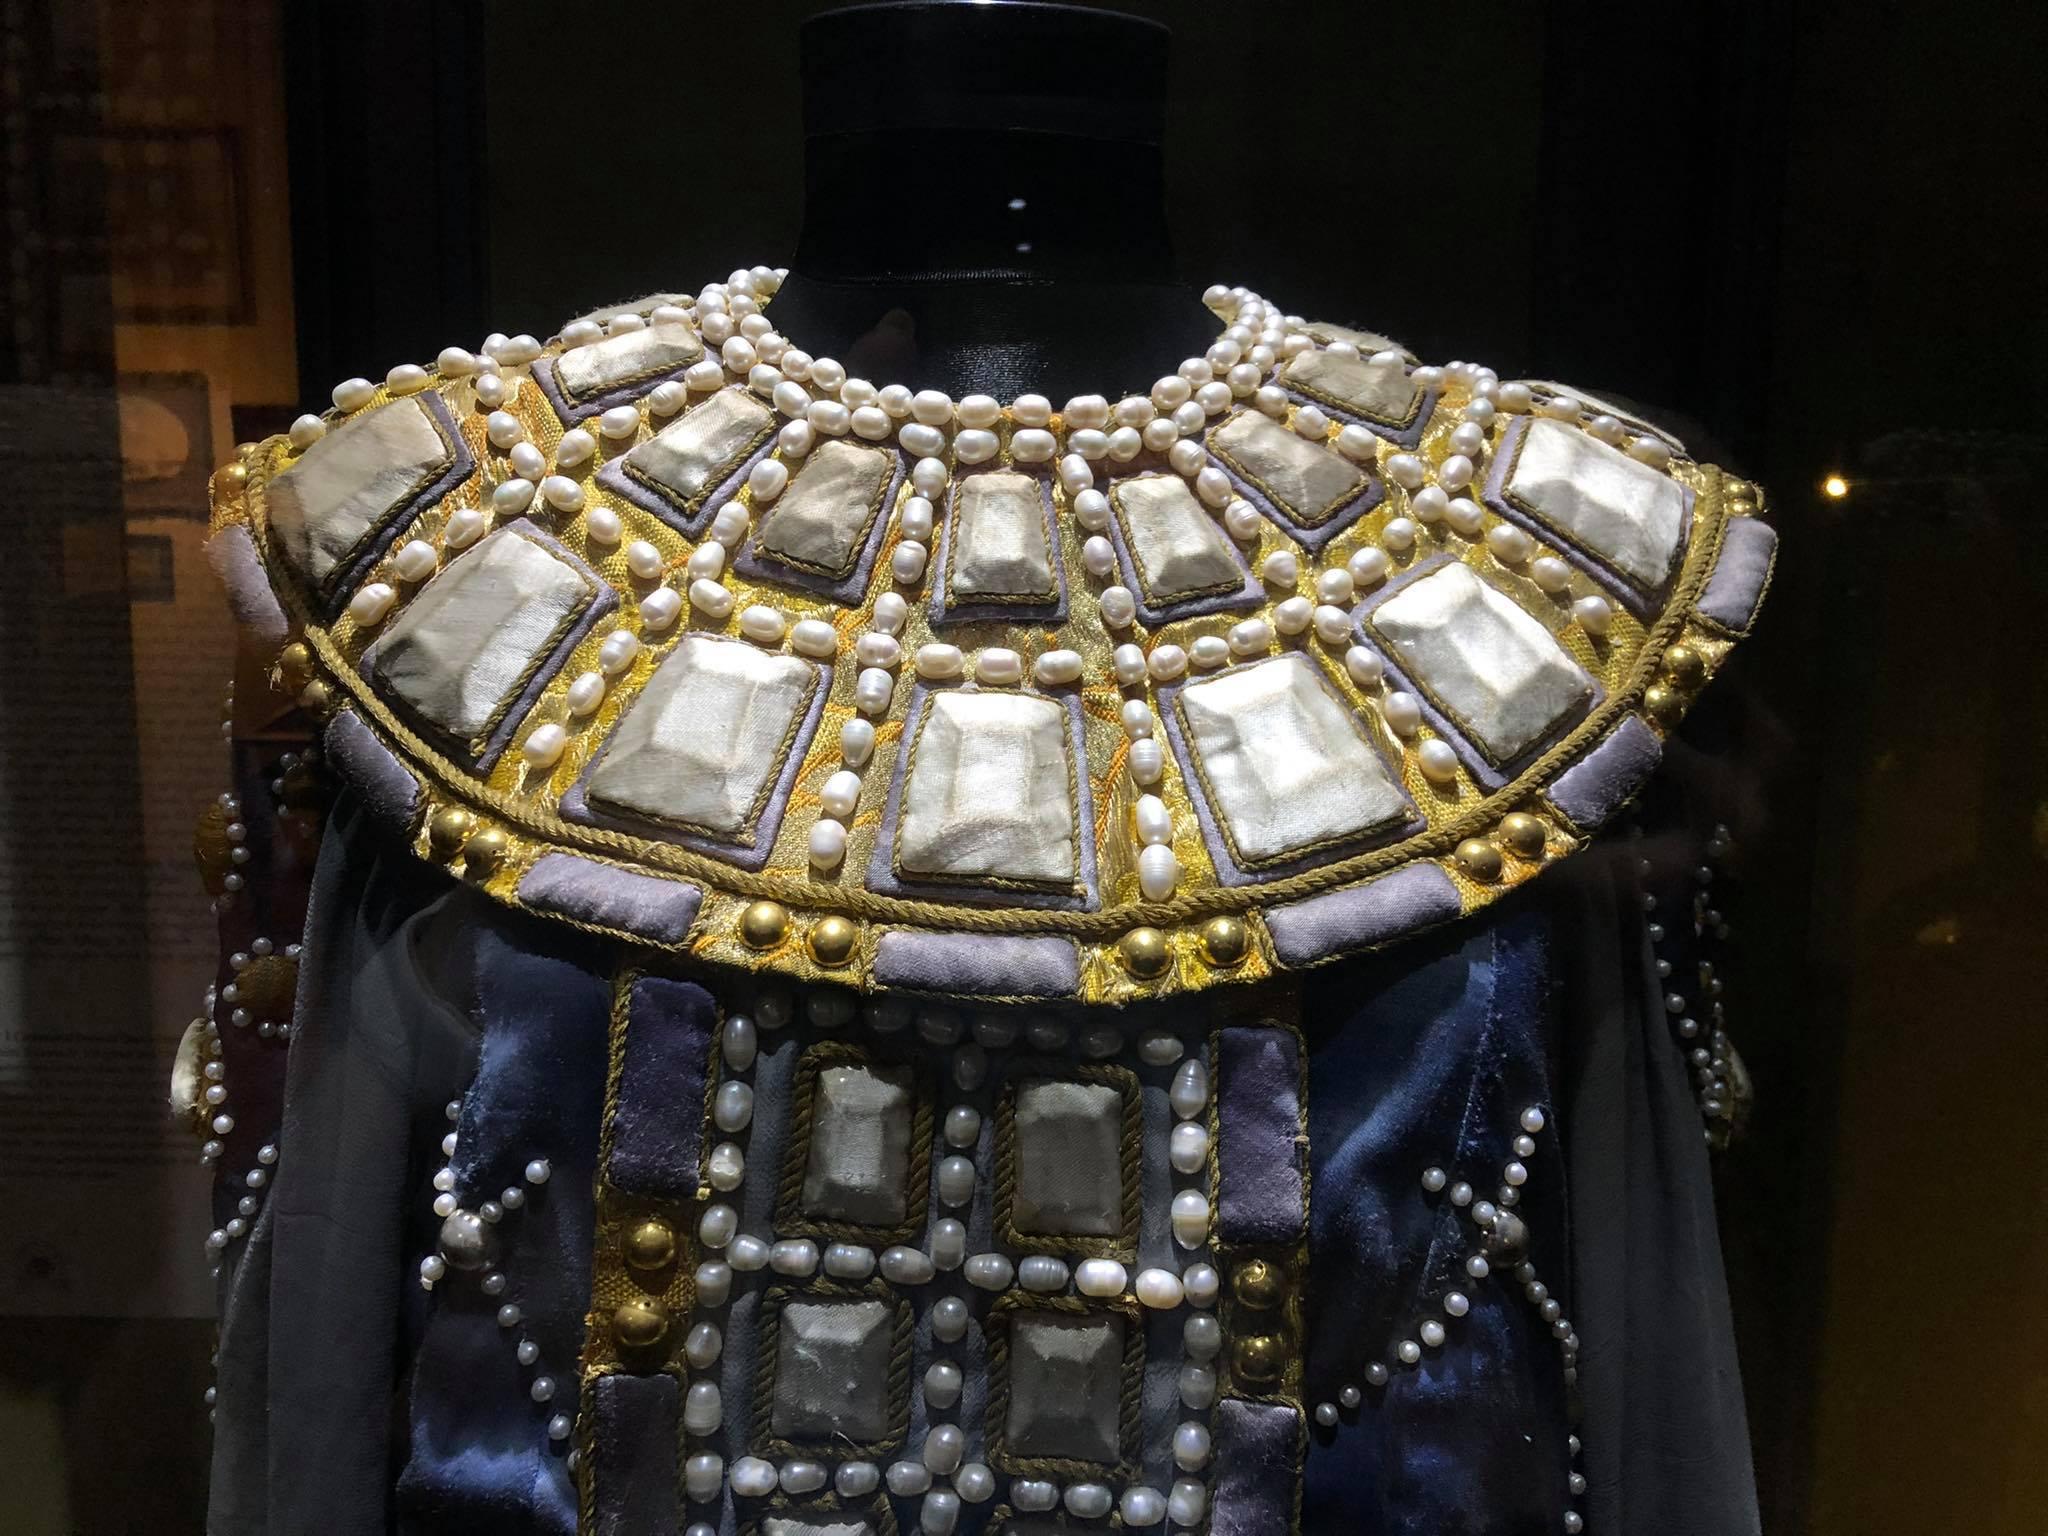 187592963 3914923811954590 8388561548352621381 n Другая SOVA featured, Георгий Каландия, Дворец искусств, мода, национальный костюм, чоха